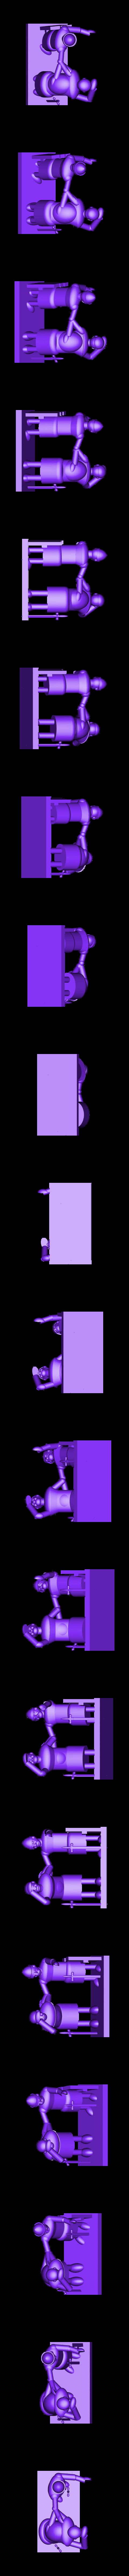 fyrd3_1.stl Télécharger fichier STL gratuit Le Doughty Saxon Fyrd • Modèle à imprimer en 3D, Earsling